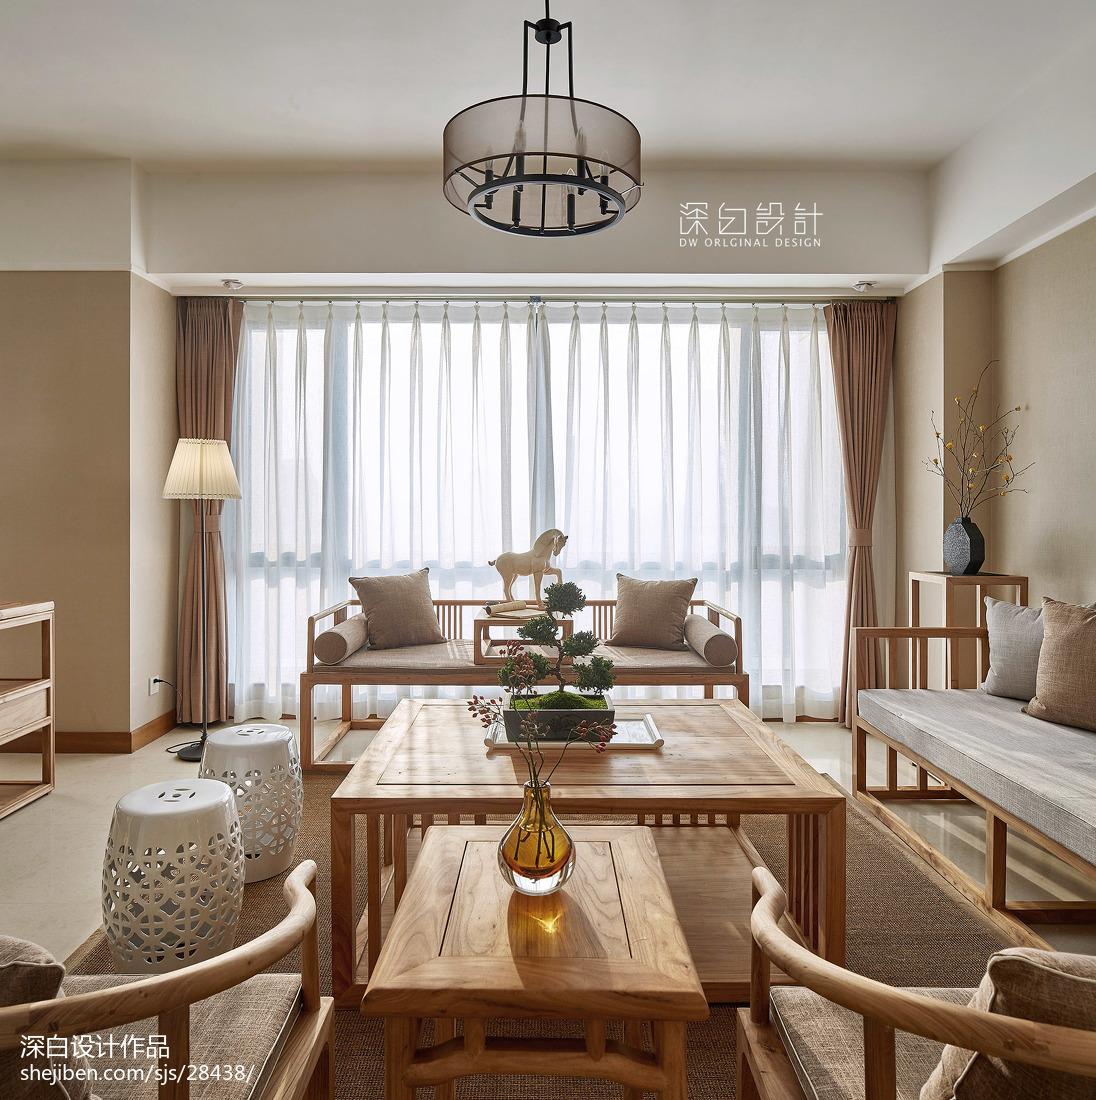 中式休闲客厅效果图